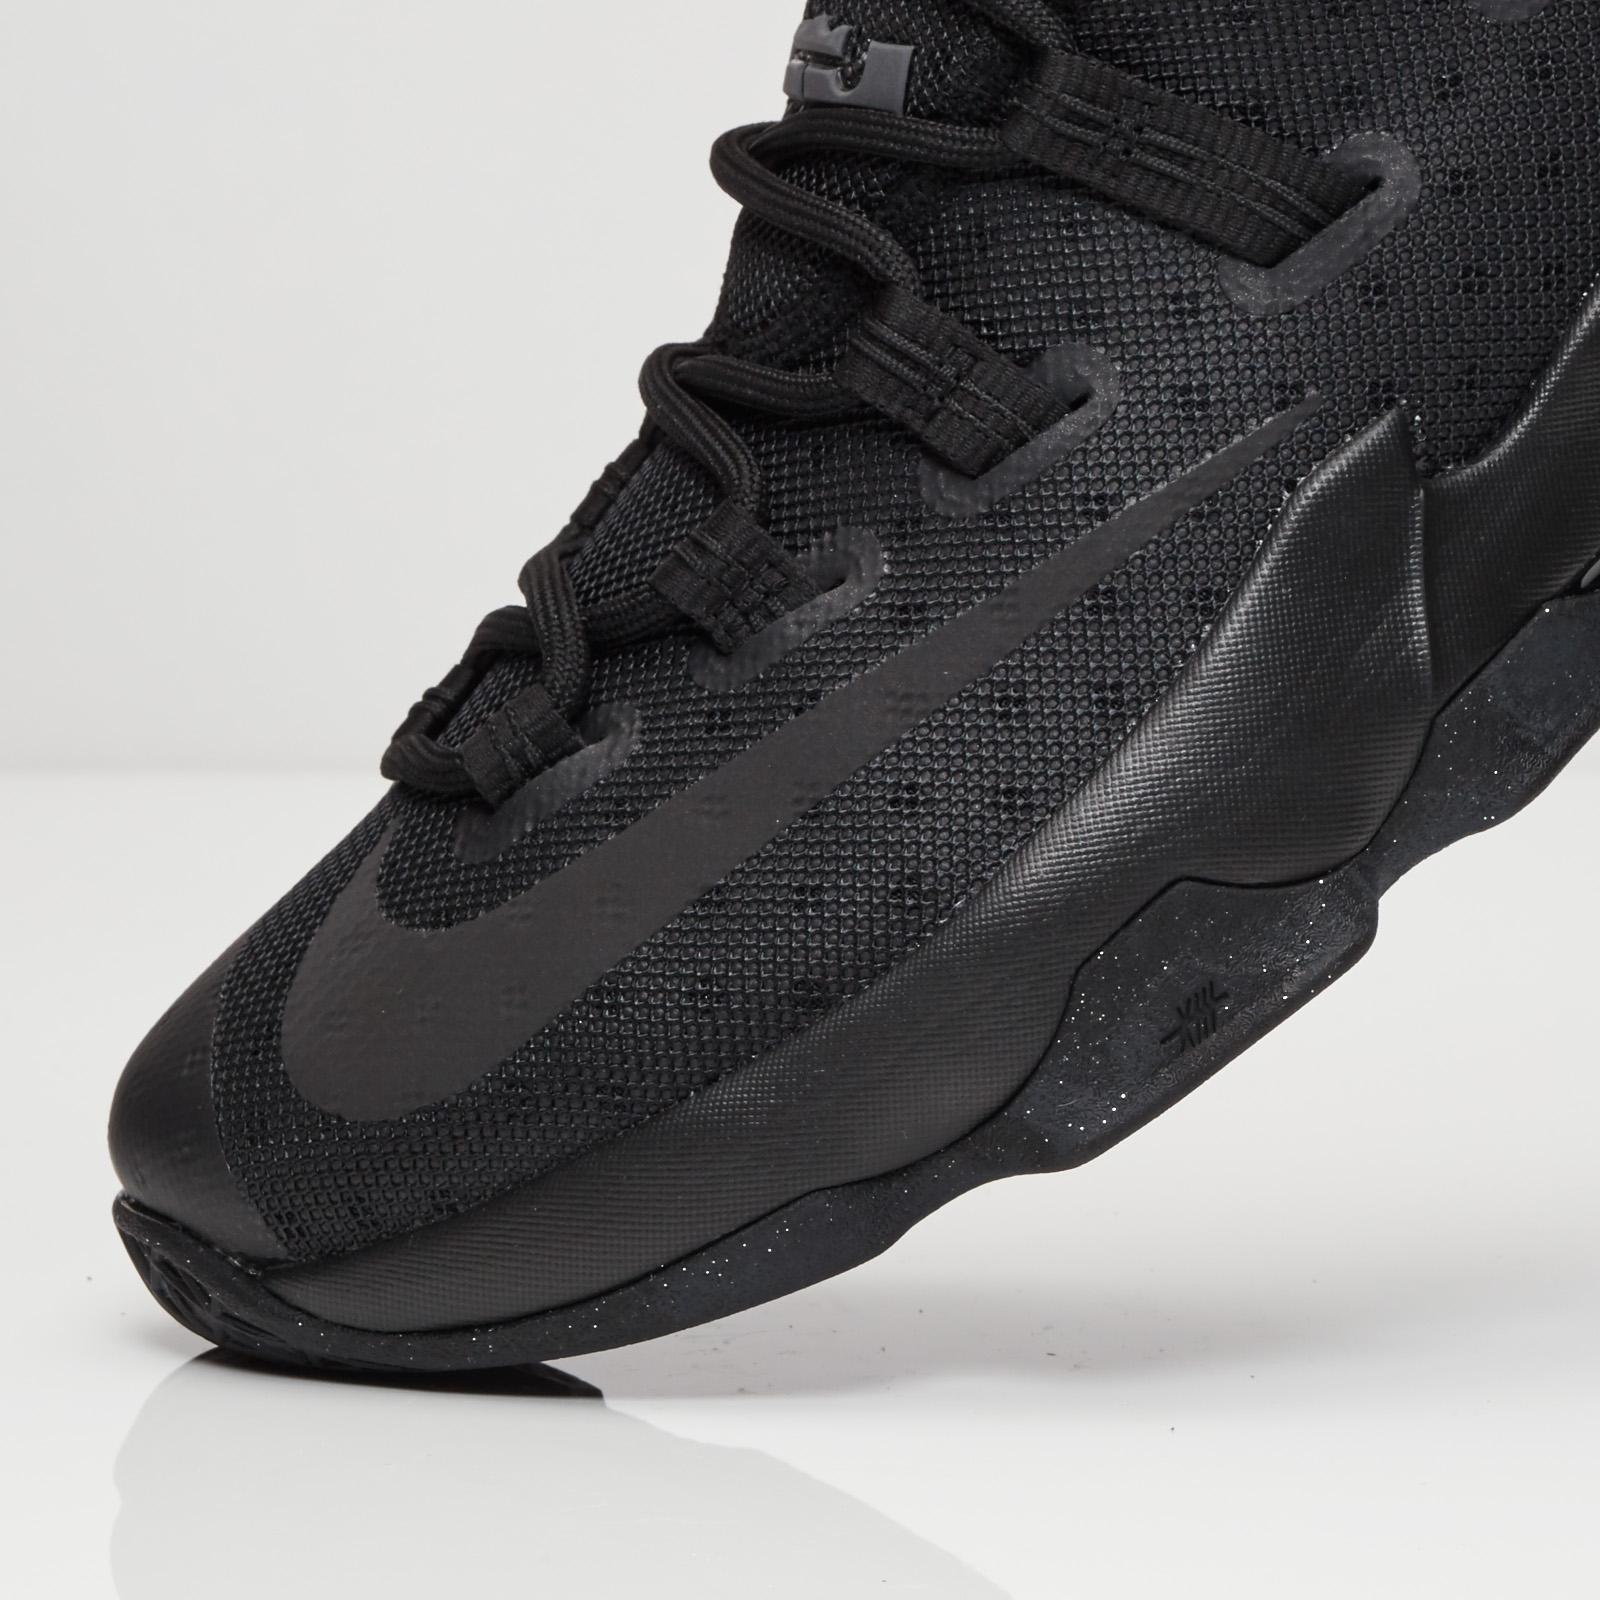 libertad Escarchado pecador  Nike Lebron XIII Low - 831925-001 - Sneakersnstuff | sneakers & streetwear  online since 1999